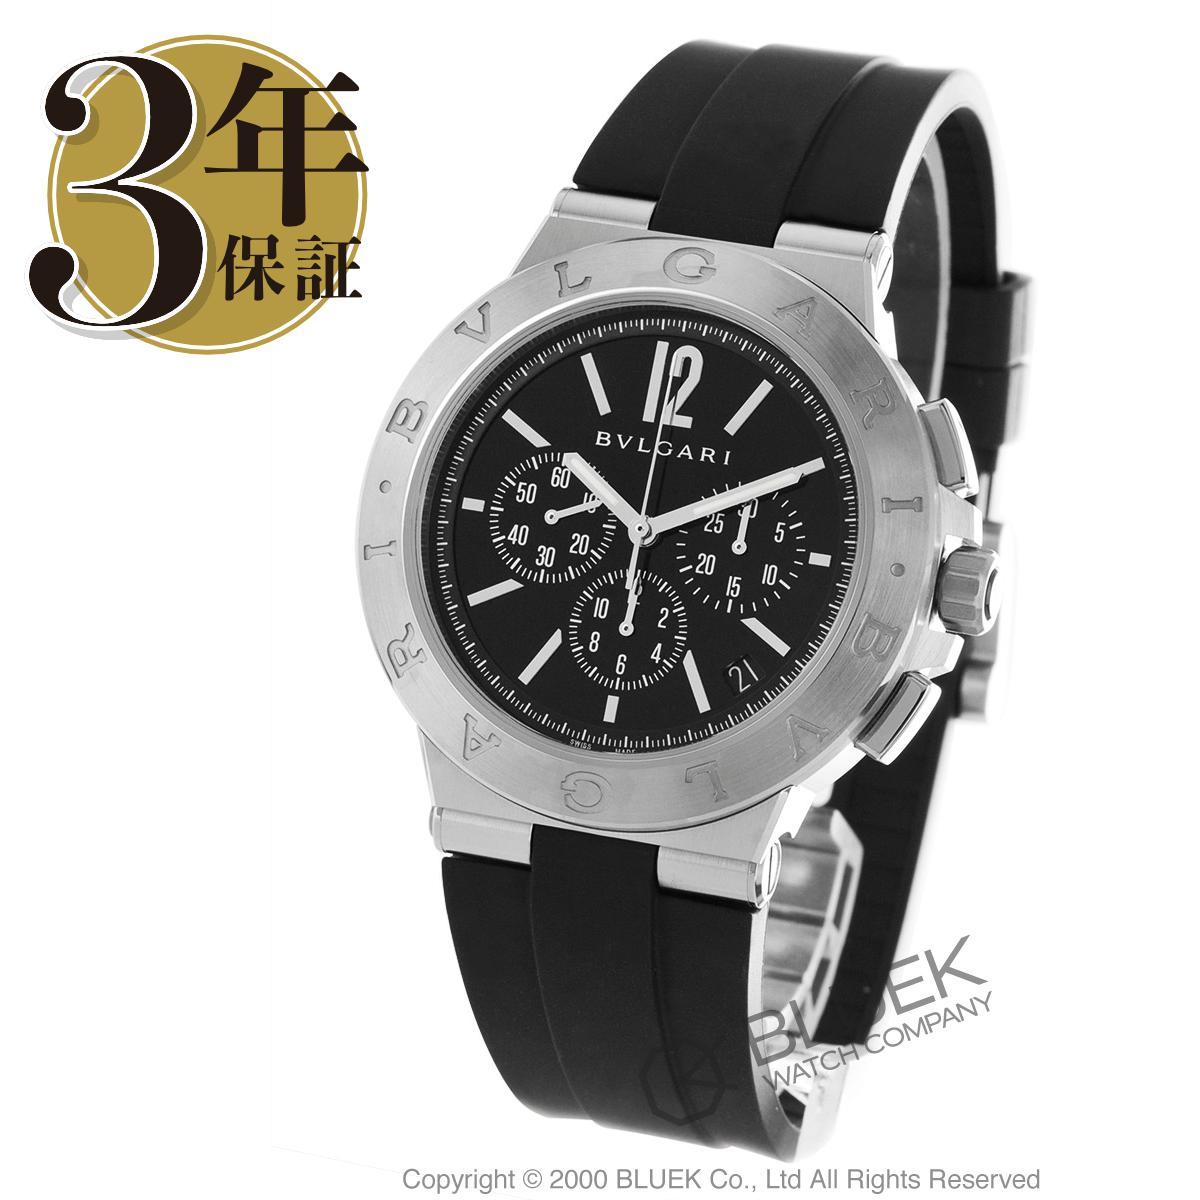 41aa9aeeaf95 ブルガリ ディアゴノ ヴェロチッシモ クロノグラフ 腕時計 メンズ BVLGARI DG41BSVDCH-SET-BLK_8 [送料無料][ブルガリ ][DG41BSVDCH-SET-BLK][BVLGARI][時計][新品]